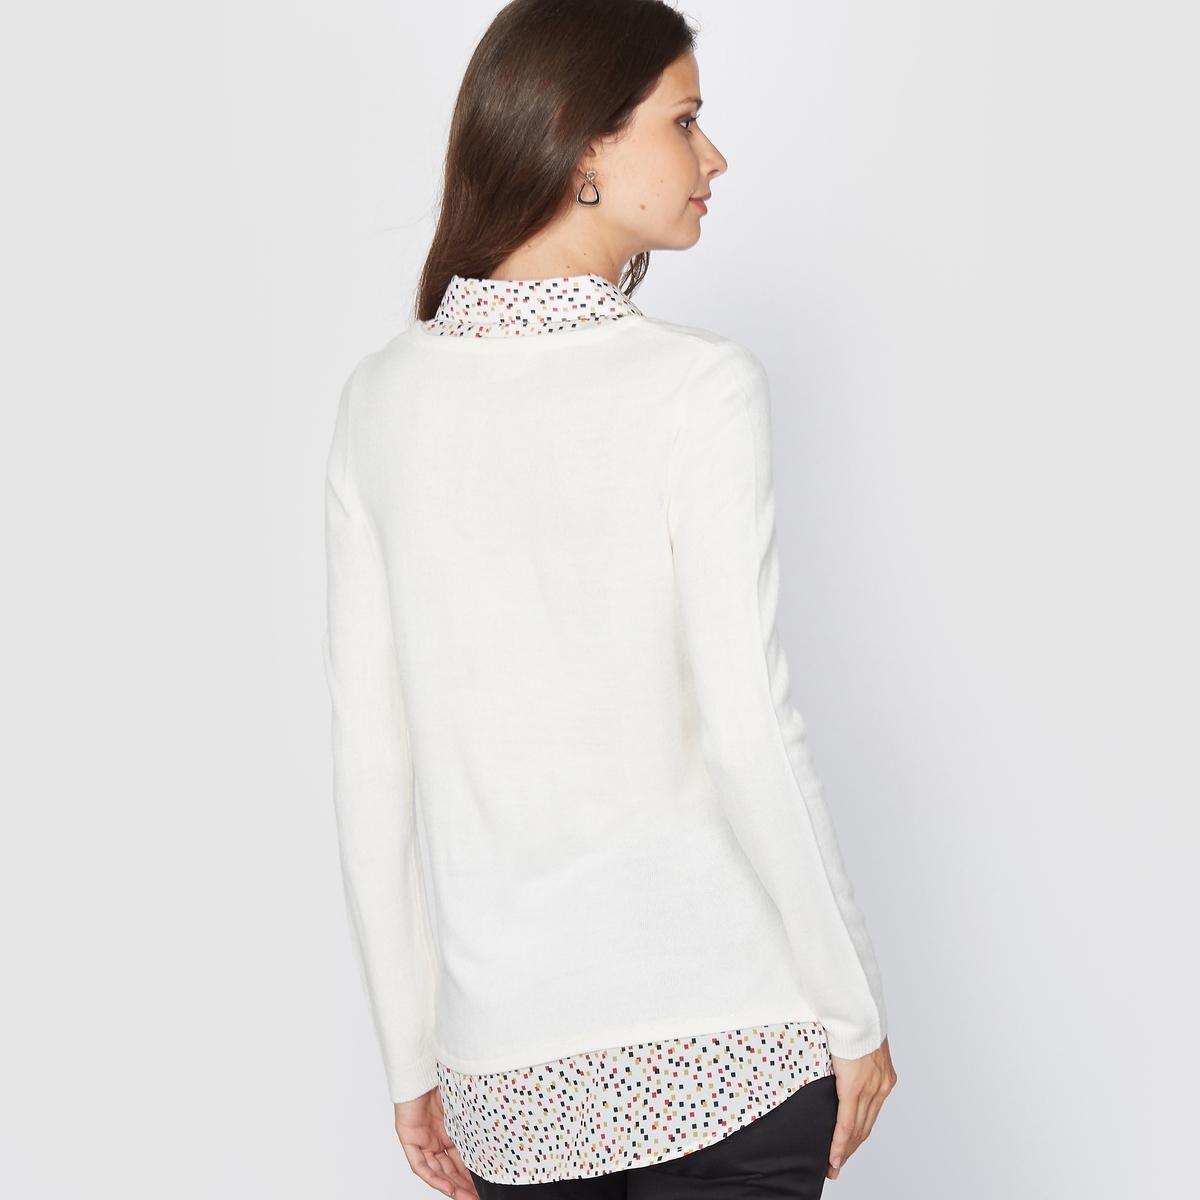 Пуловер 2 в 1, прикосновение кашемираПуловер-рубашка 2 в 1, выполнен из очень качественного трикотажа, мягкого на ощупь, словно кашемир. Рубашечный воротник. Манишка с рюшами. Рубашка с рисунком из крепа, 100% полиэстера. Приспущенные плечевые швы. Края связаны трикотажной резинкой.Состав и описание:Материал: трикотаж, 100% акрила.Длина пуловера 58 см, общая. длина 68 см. Марка: Anne WeyburnУход:Стирать в машинке при 30° в умеренном режиме, вывернув изделие наизнанку.Гладить на низкой температуре с изнанки.<br><br>Цвет: экрю<br>Размер: 50/52 (FR) - 56/58 (RUS)